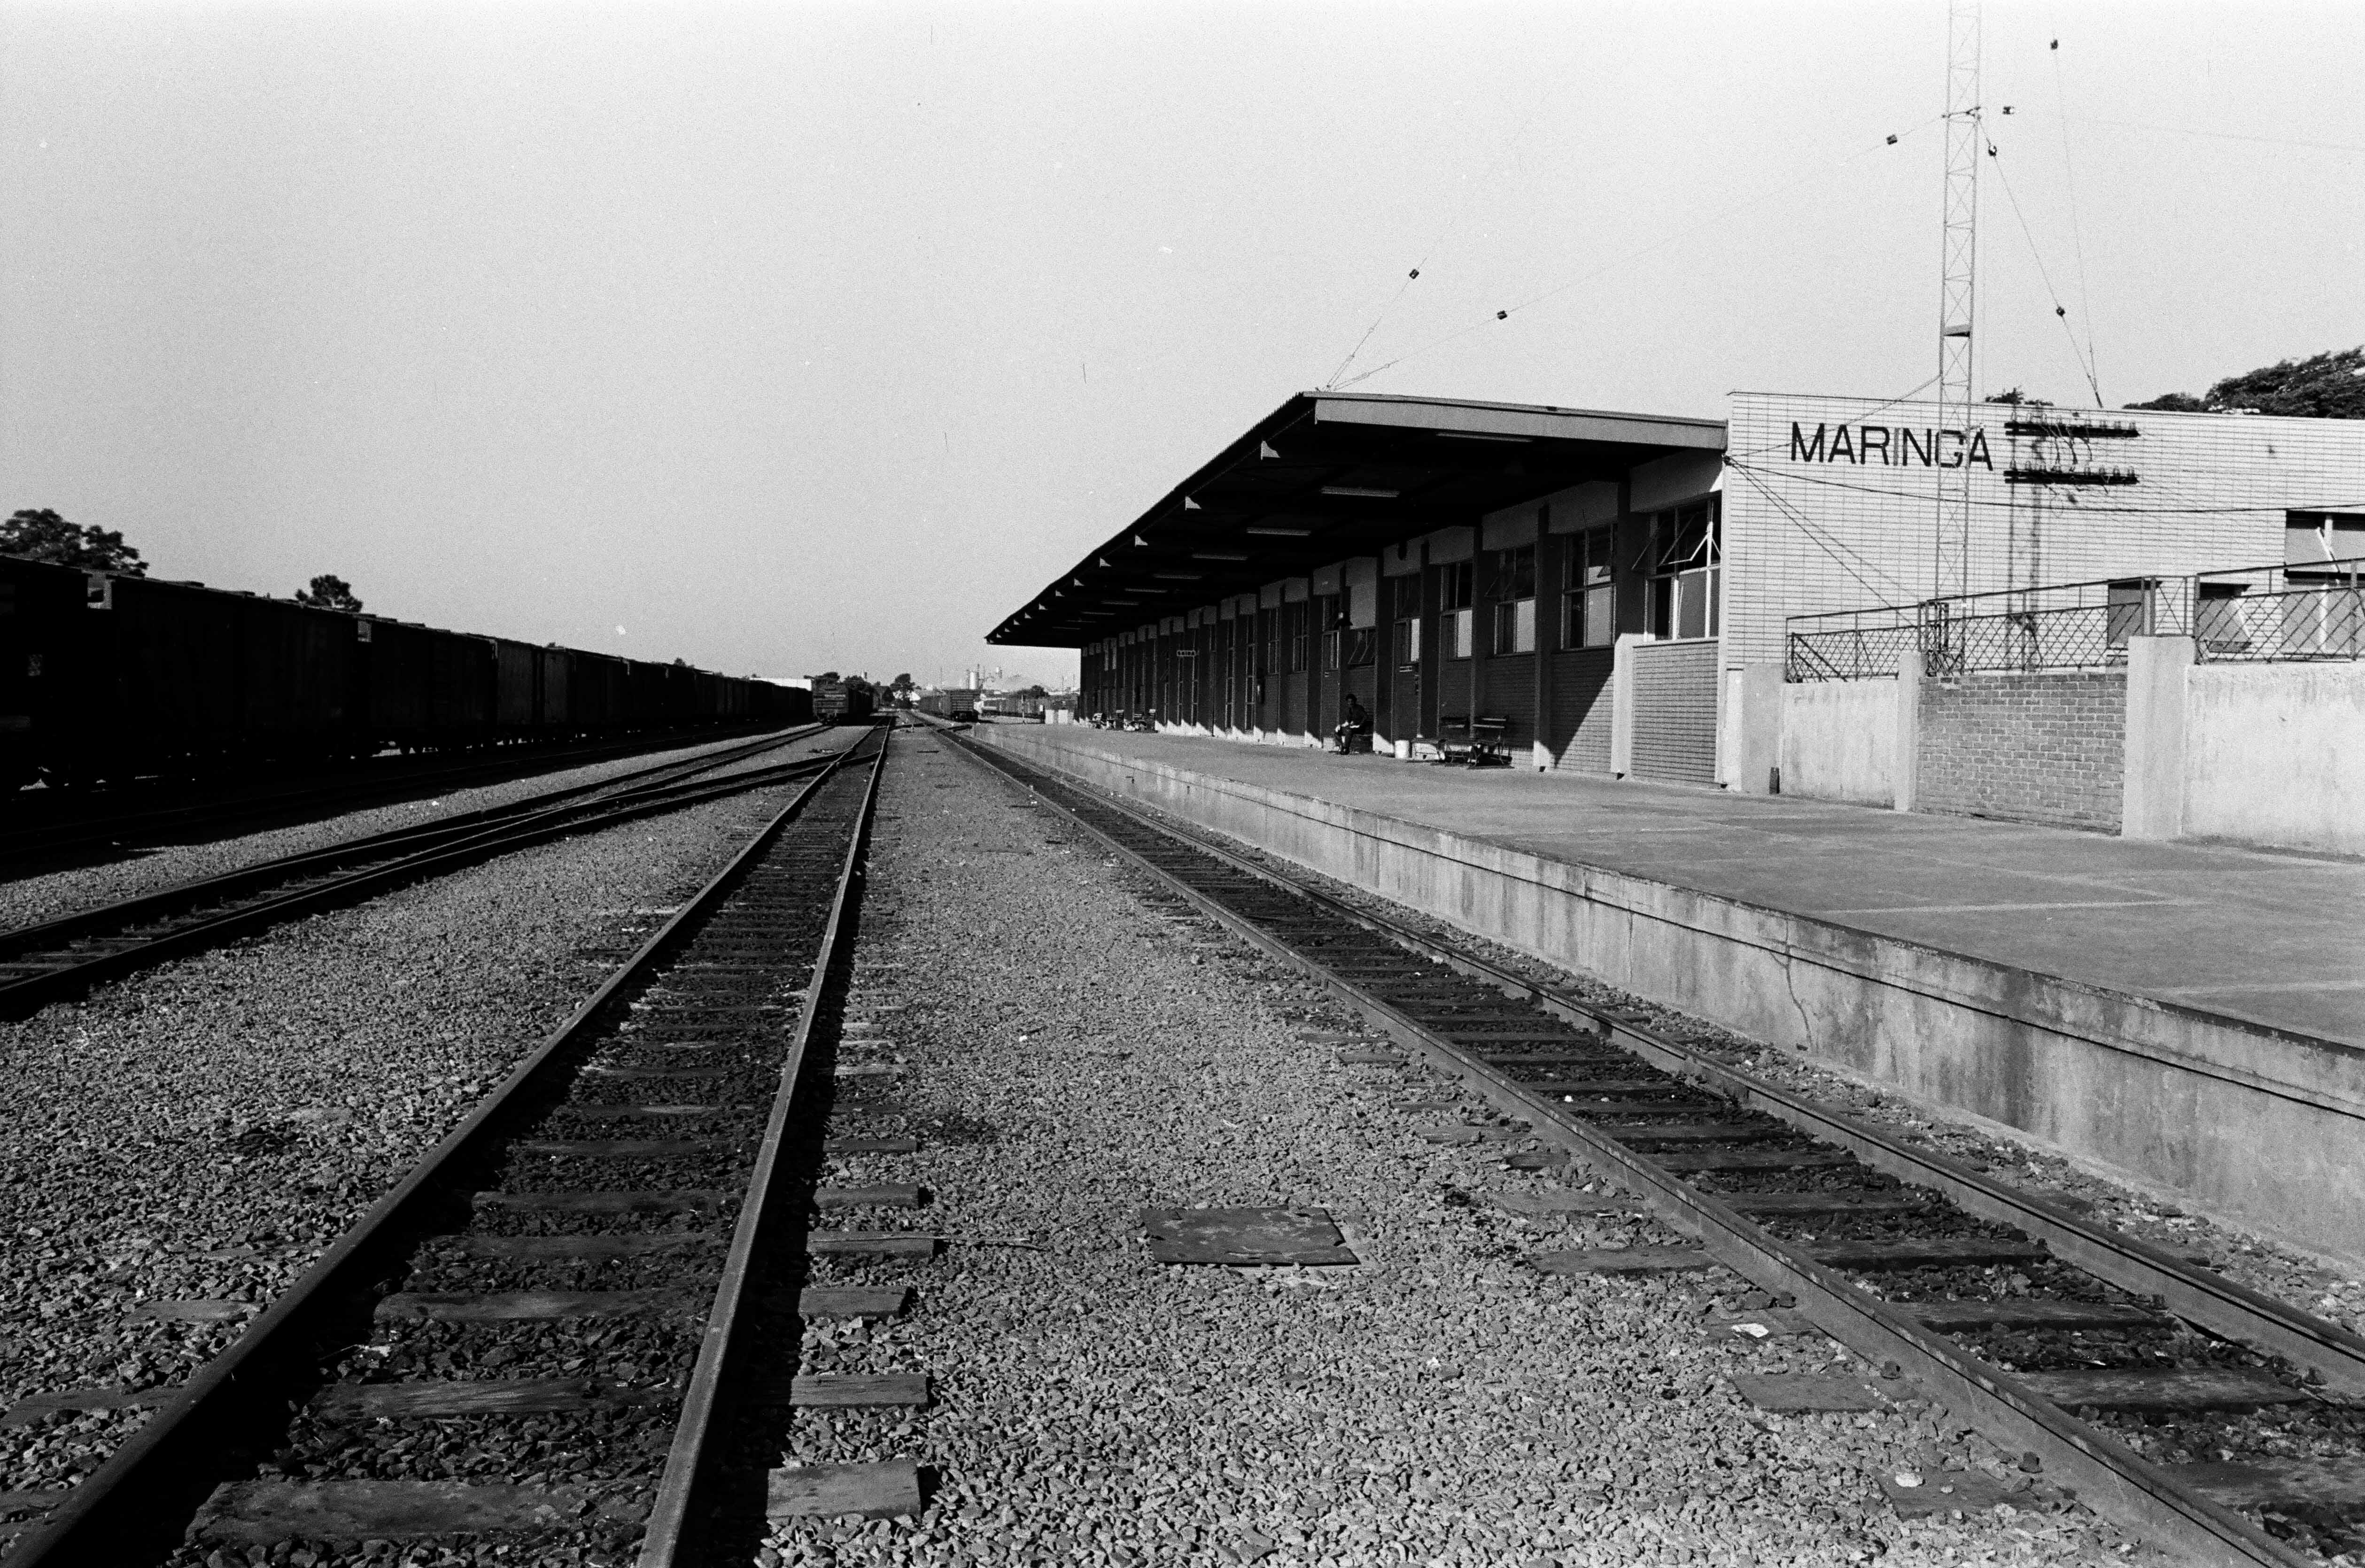 Estação Ferroviária - Anos 1970